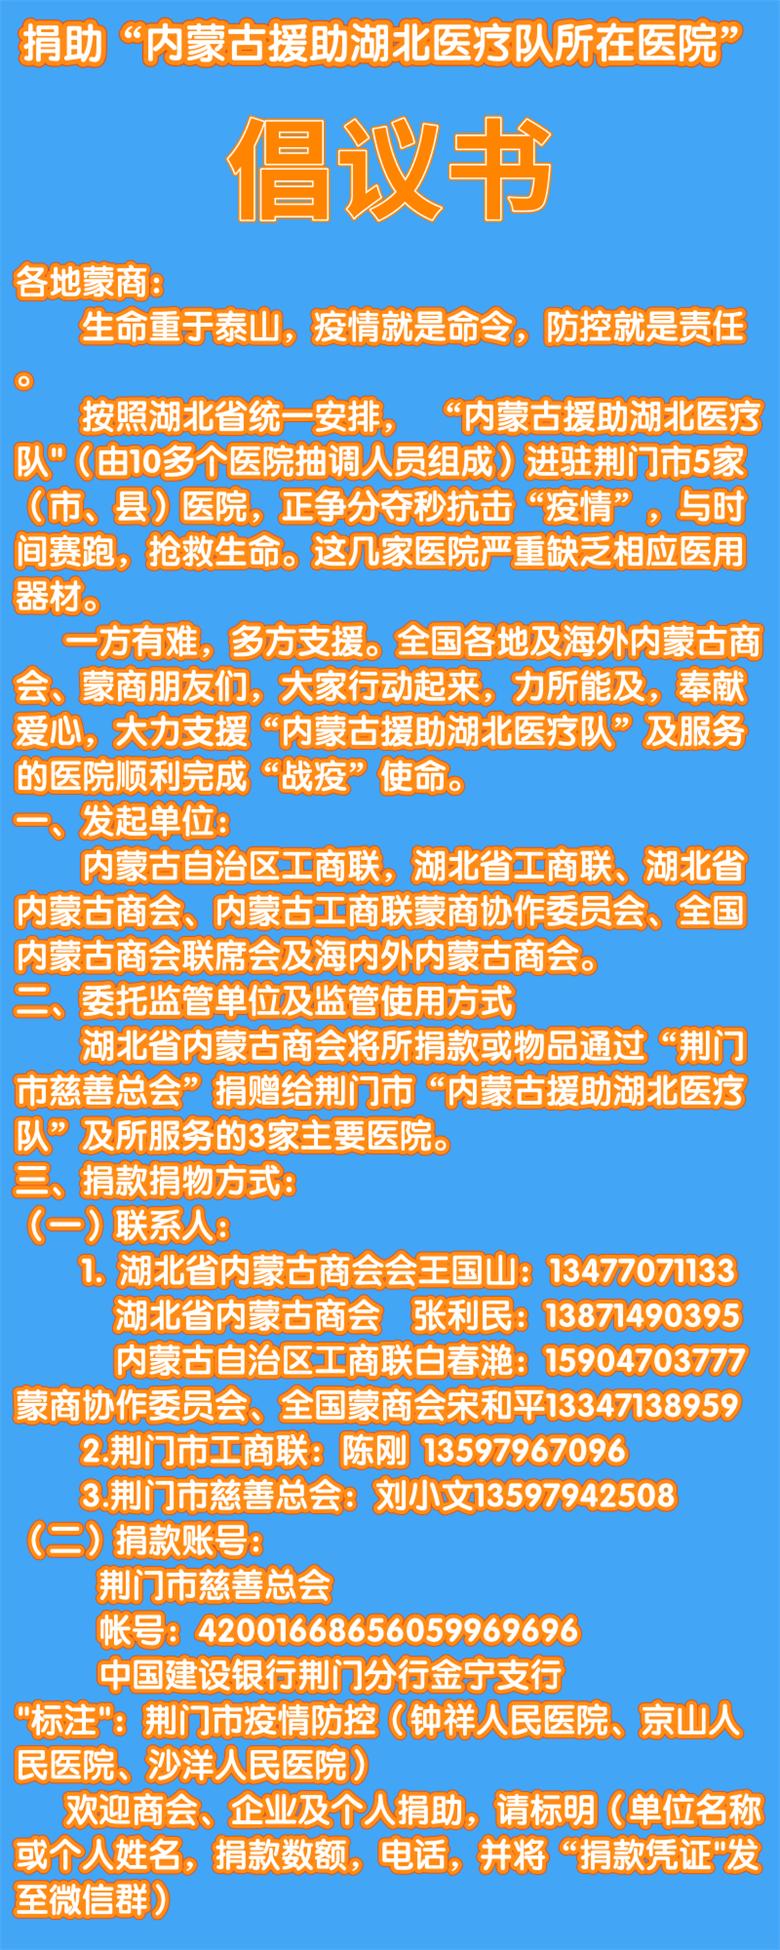 微信图片_20200206155813.png